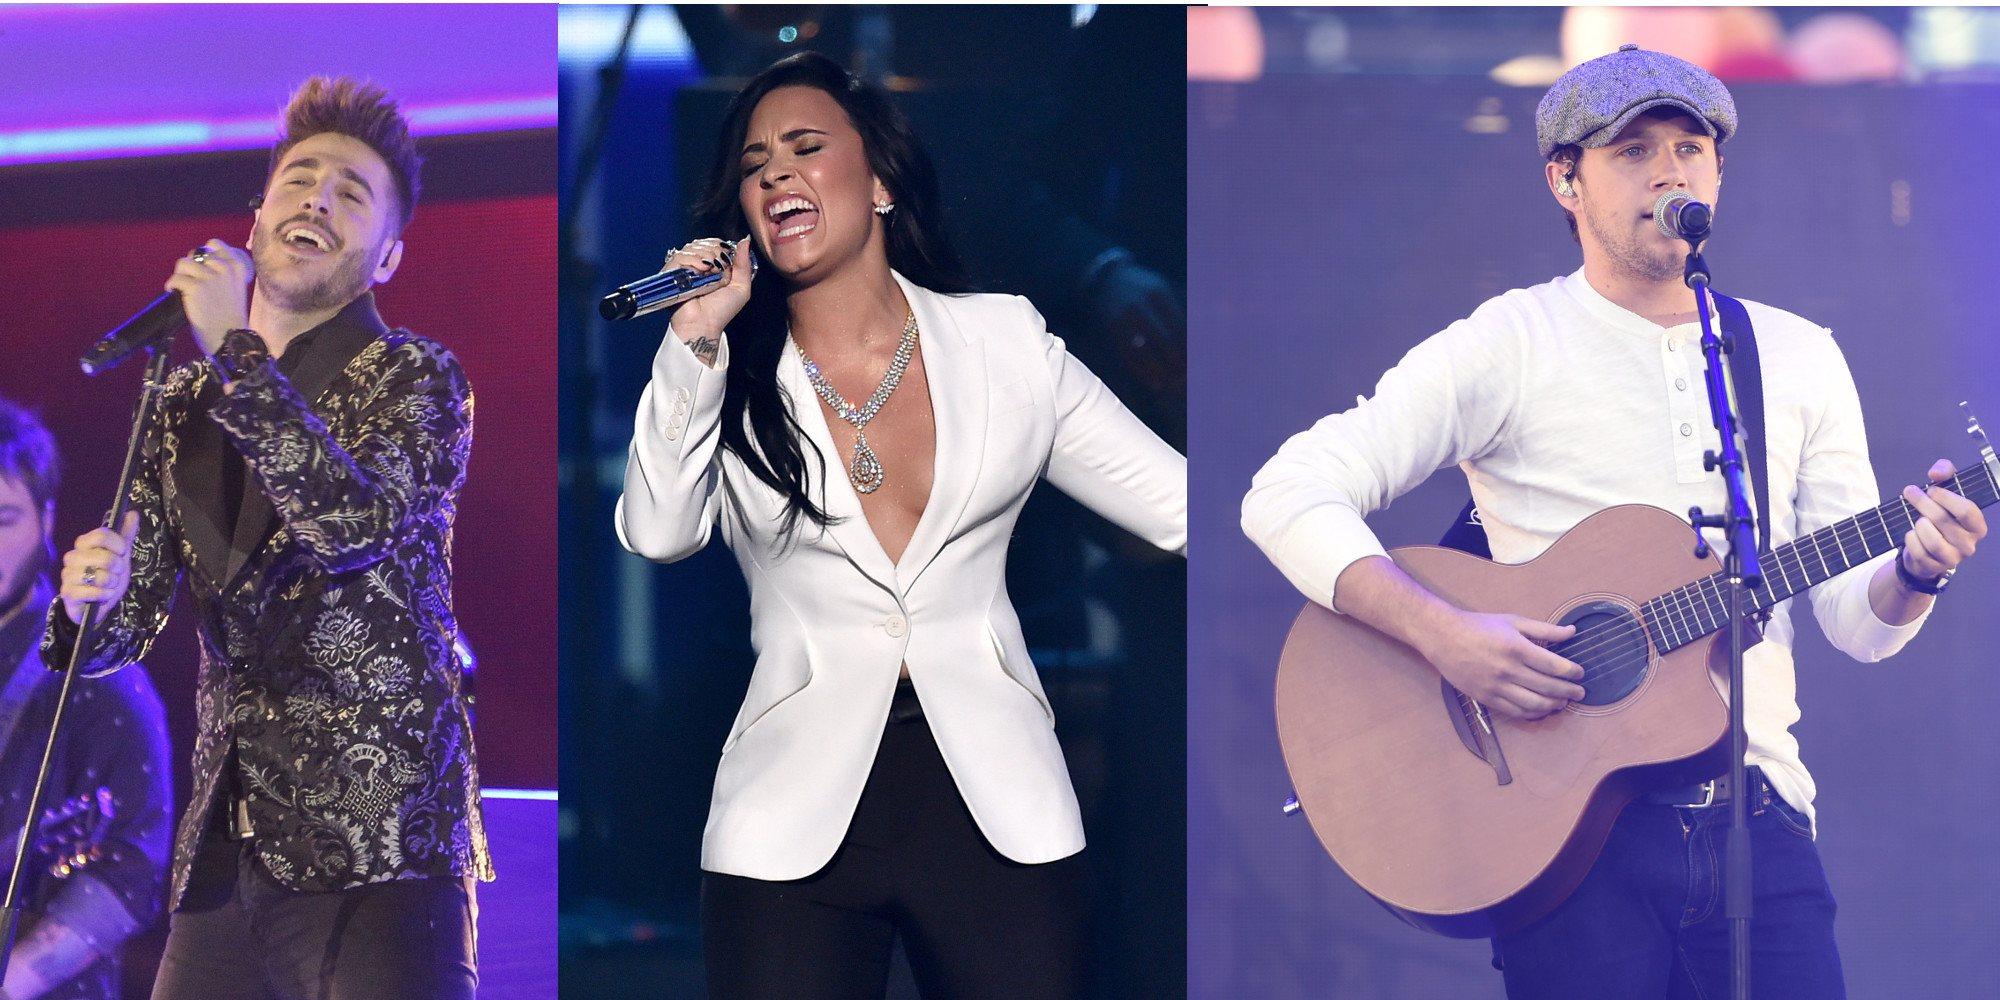 Antonio José, Demi Lovato y Niall Horan protagonistas de los nuevos lanzamientos musicales